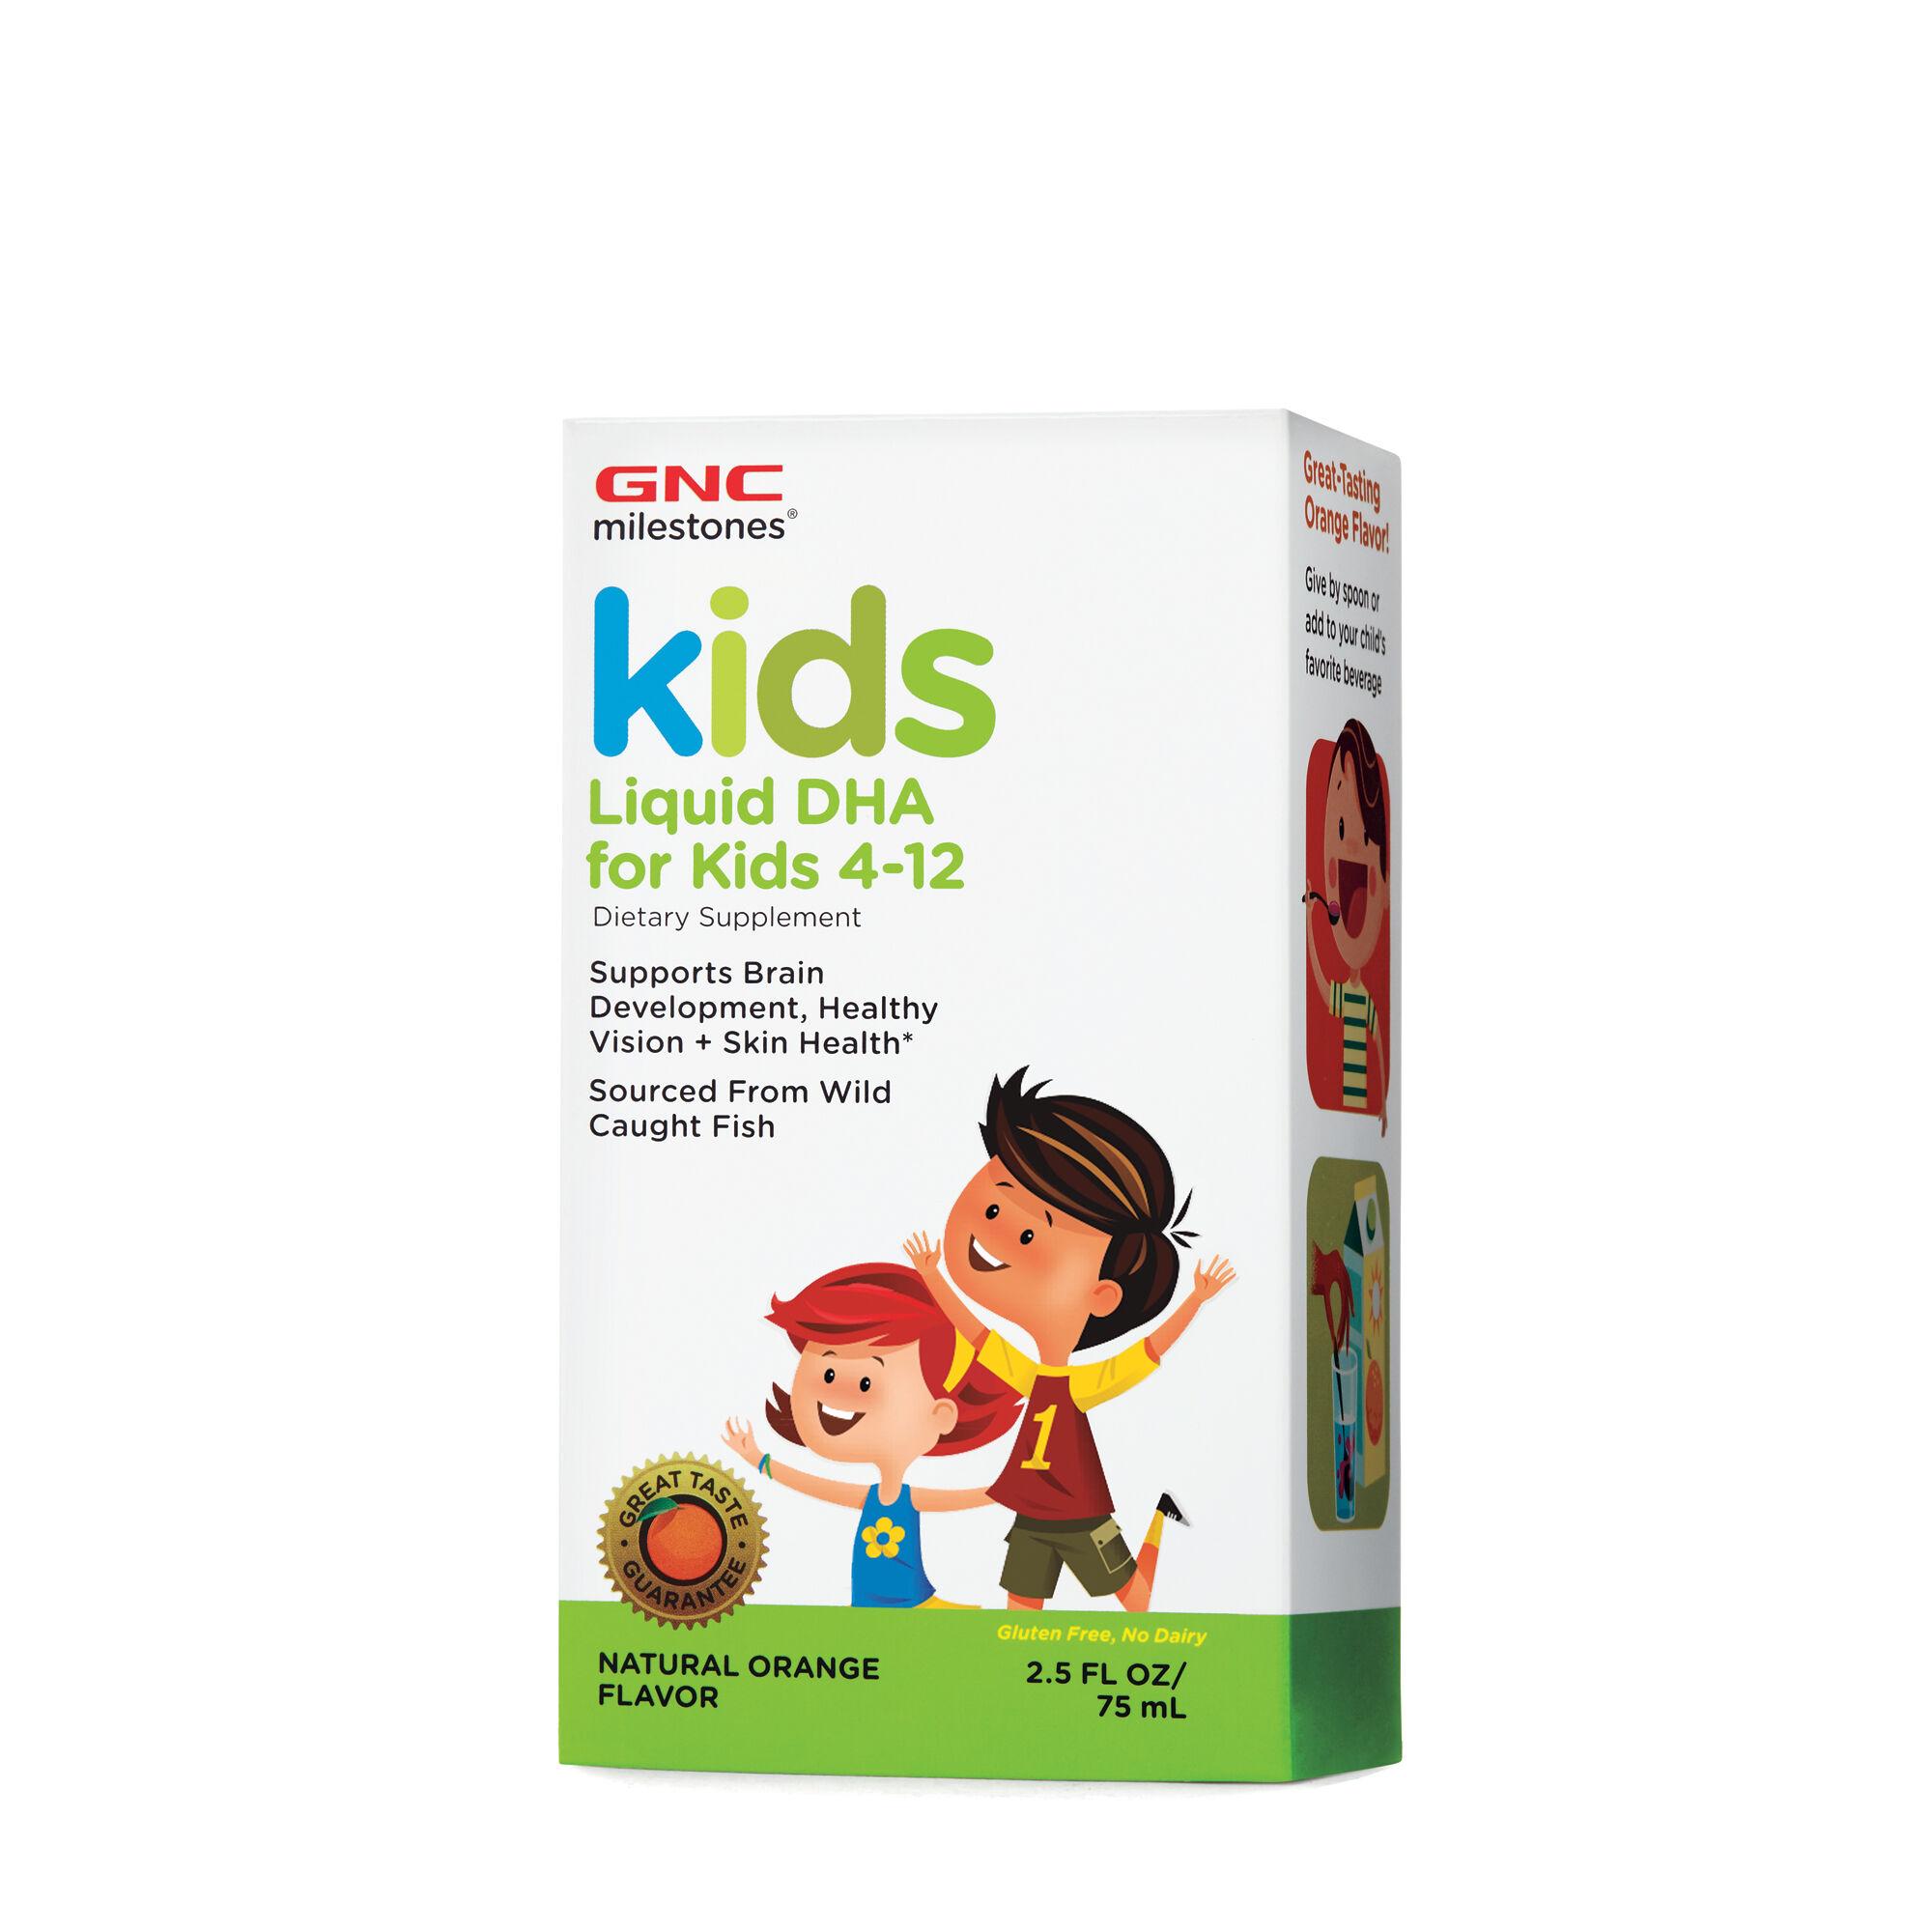 GNC Milestones® Kids Liquid DHA - Natural Orange